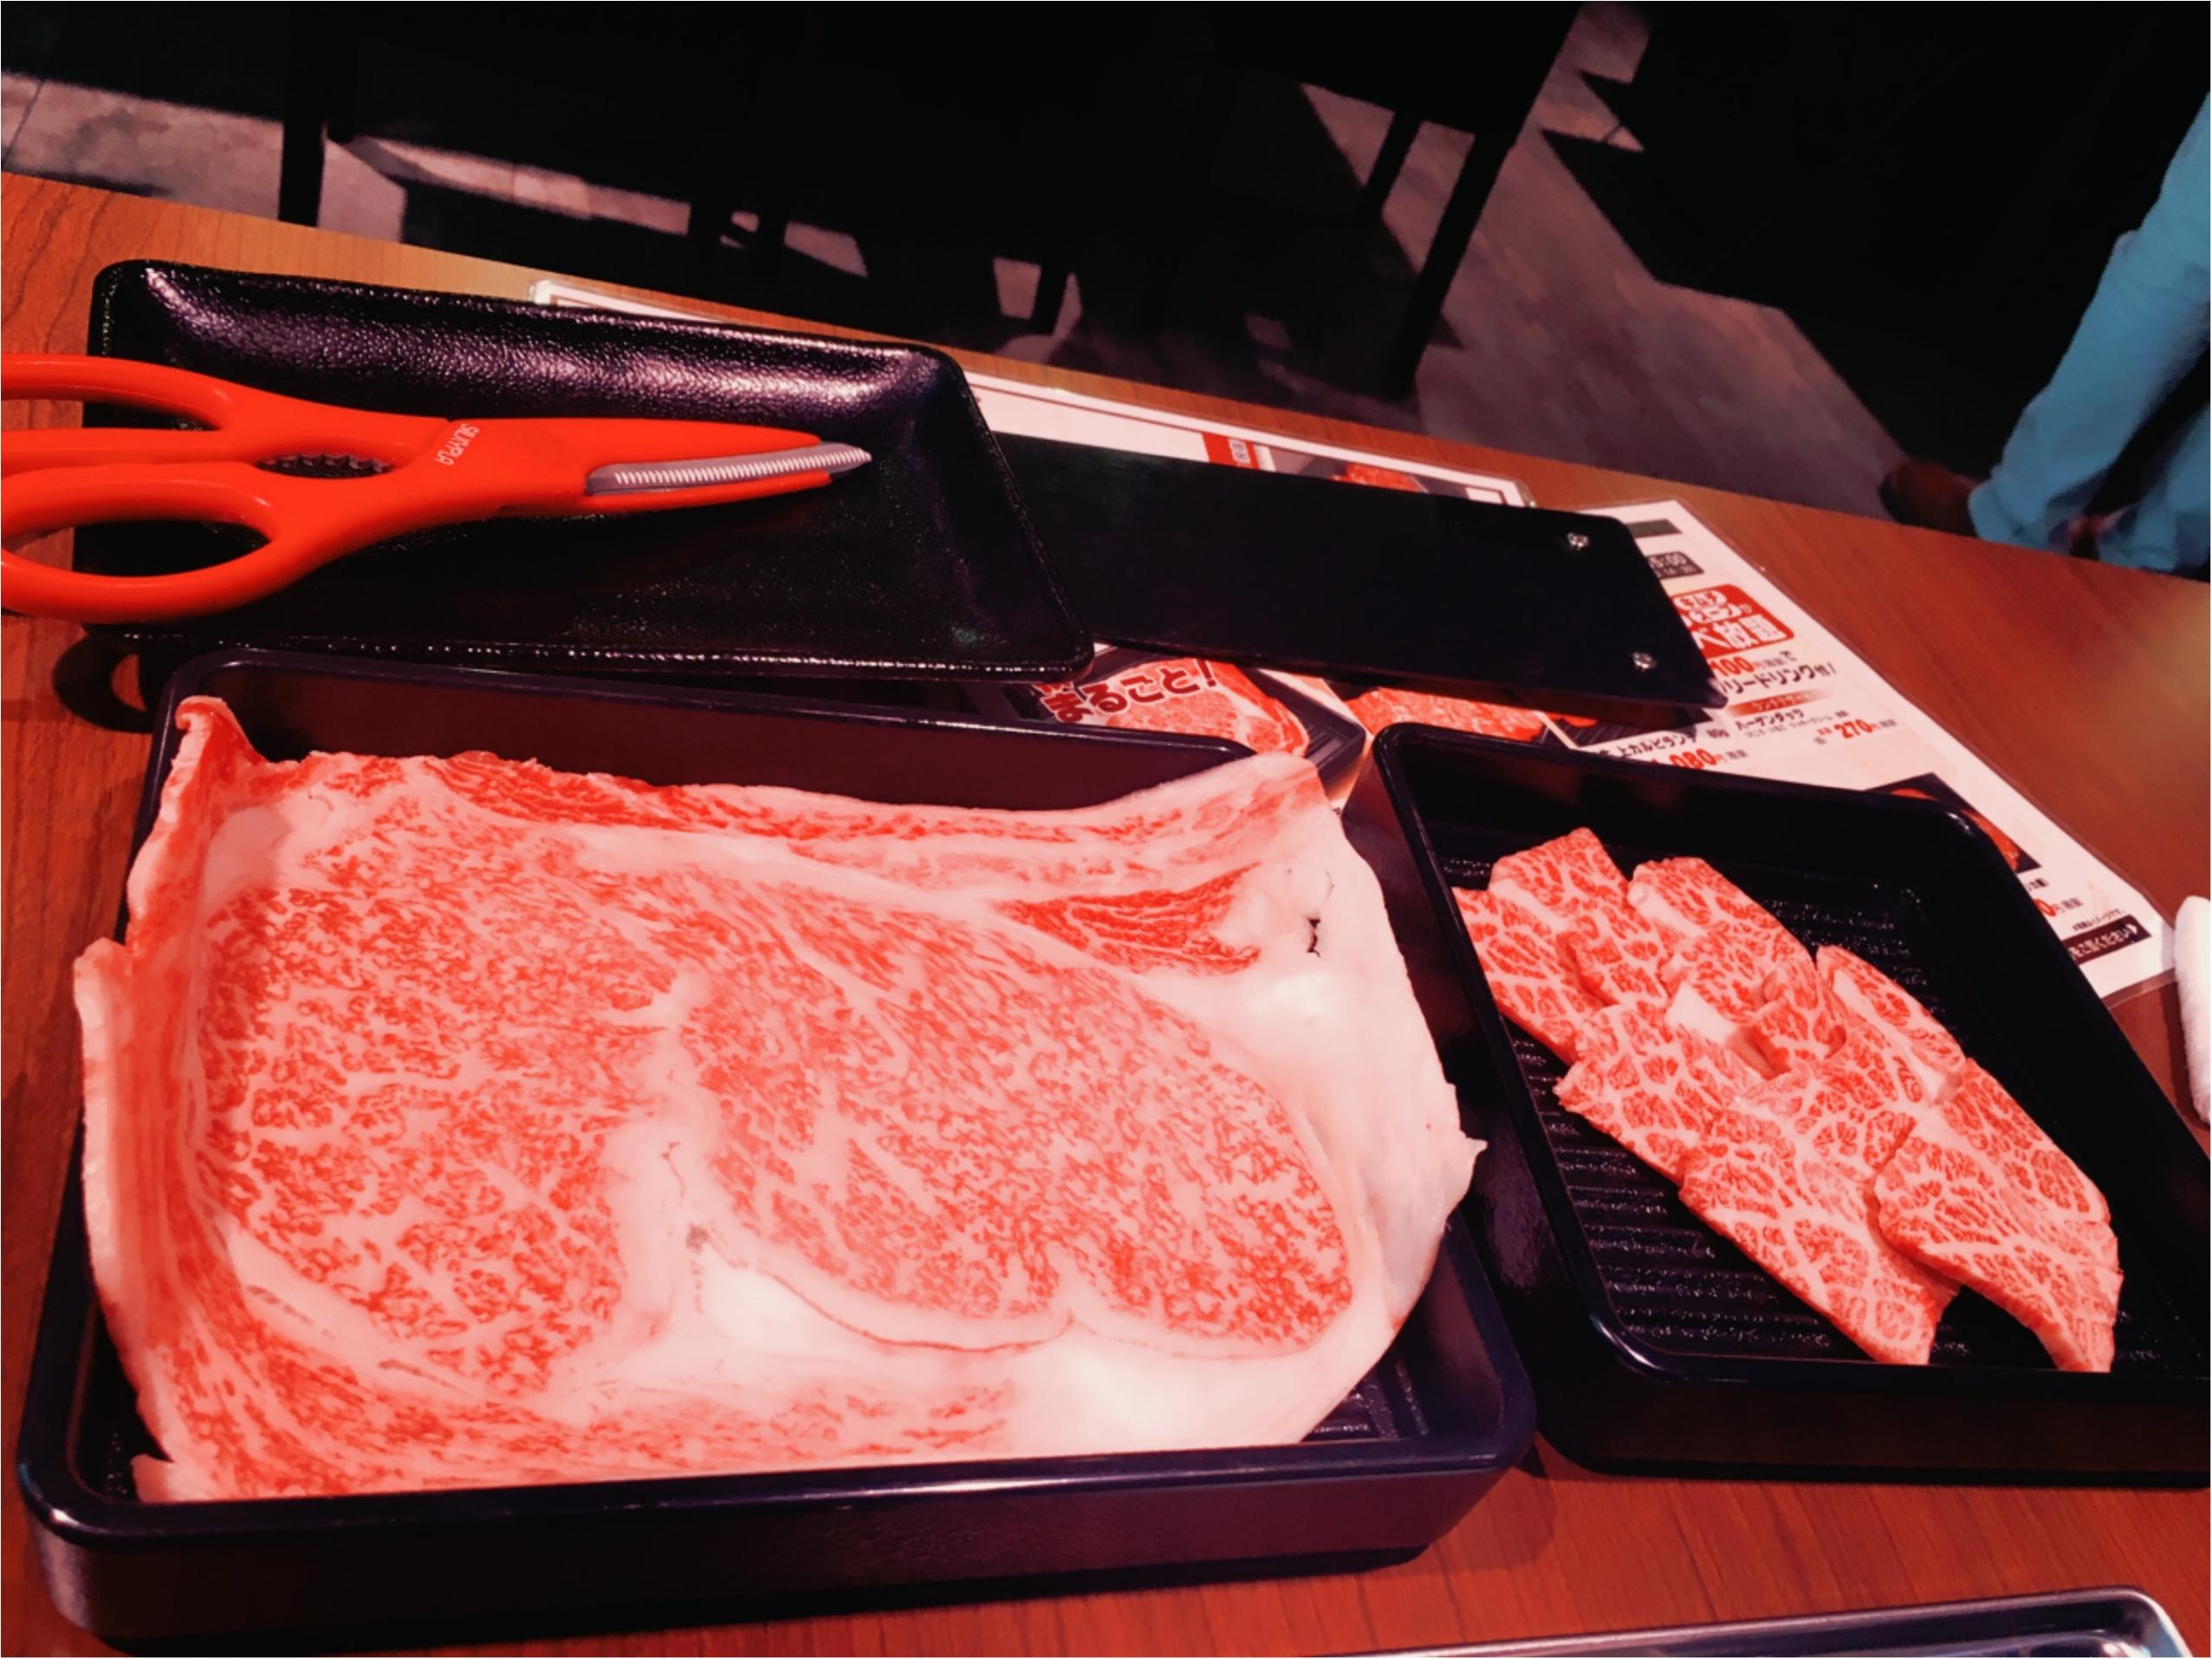 横浜駅から徒歩圏内!巨大スーパーの巨大焼肉をたいらげました★_5